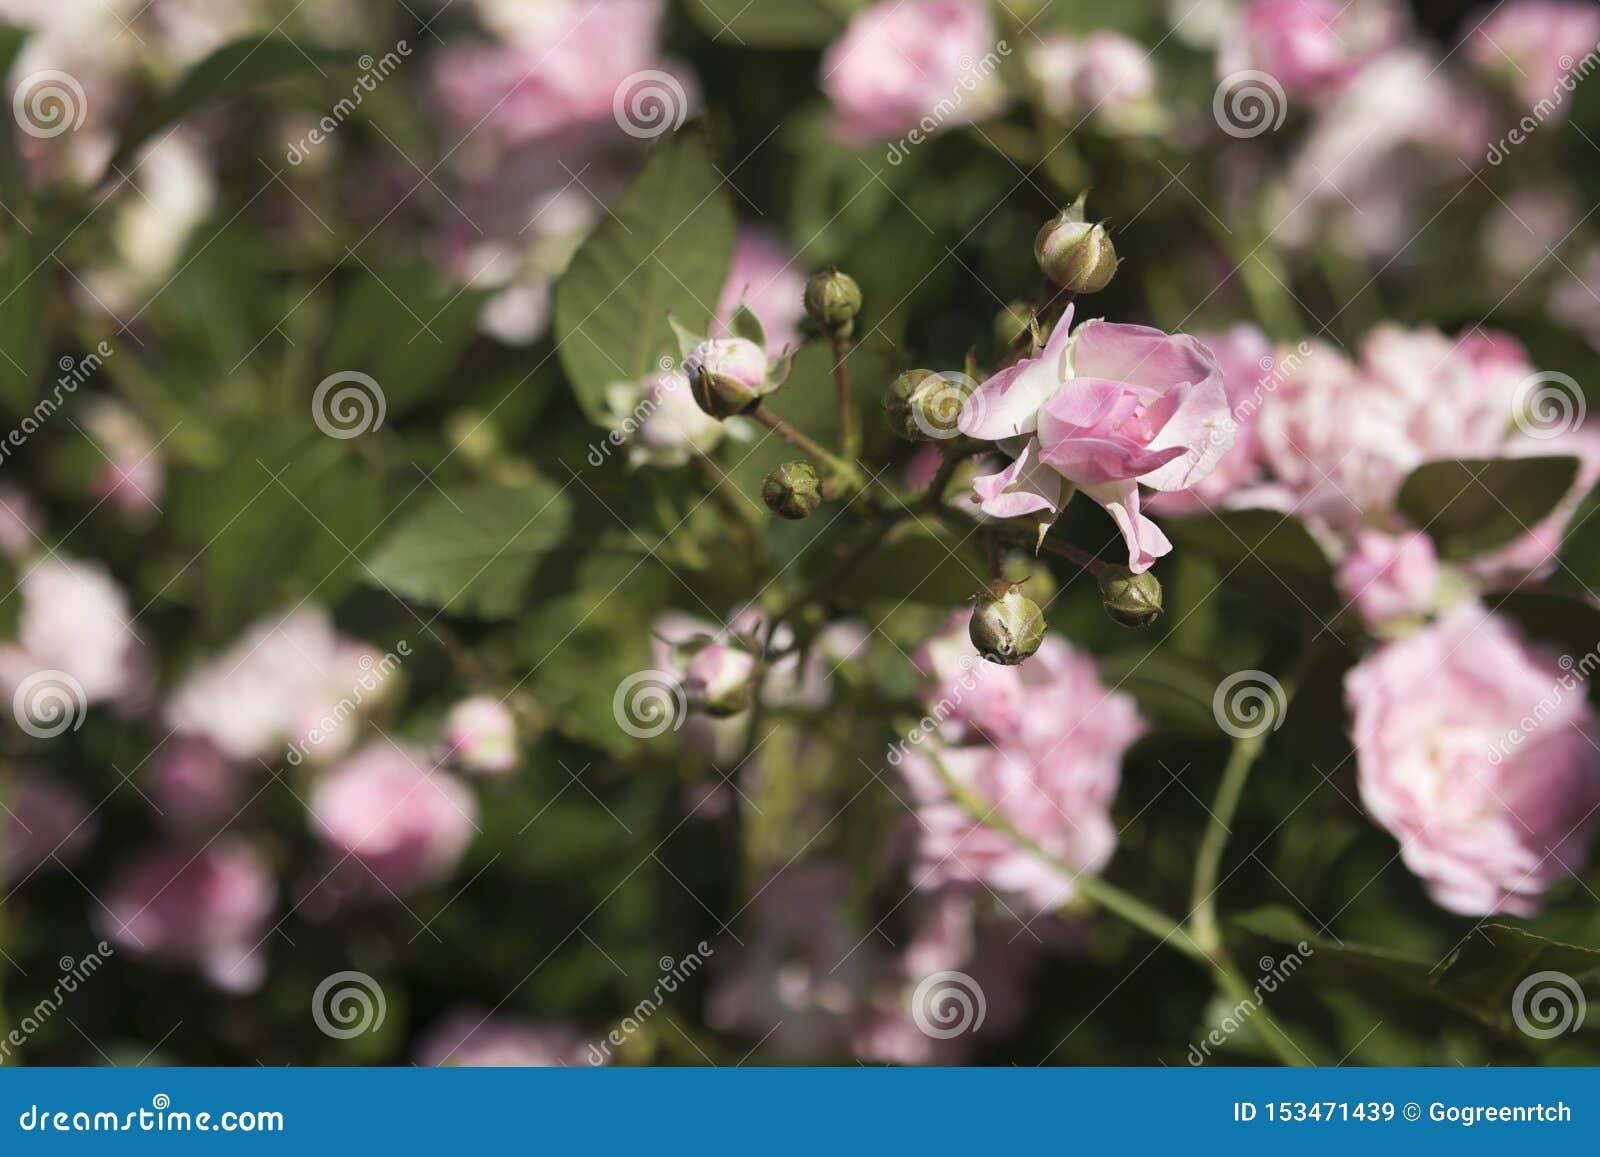 Οι νέοι βλαστοί νάνου ρόδινου αυξήθηκαν στον κήπο το καλοκαίρι με ένα θολωμένο υπόβαθρο